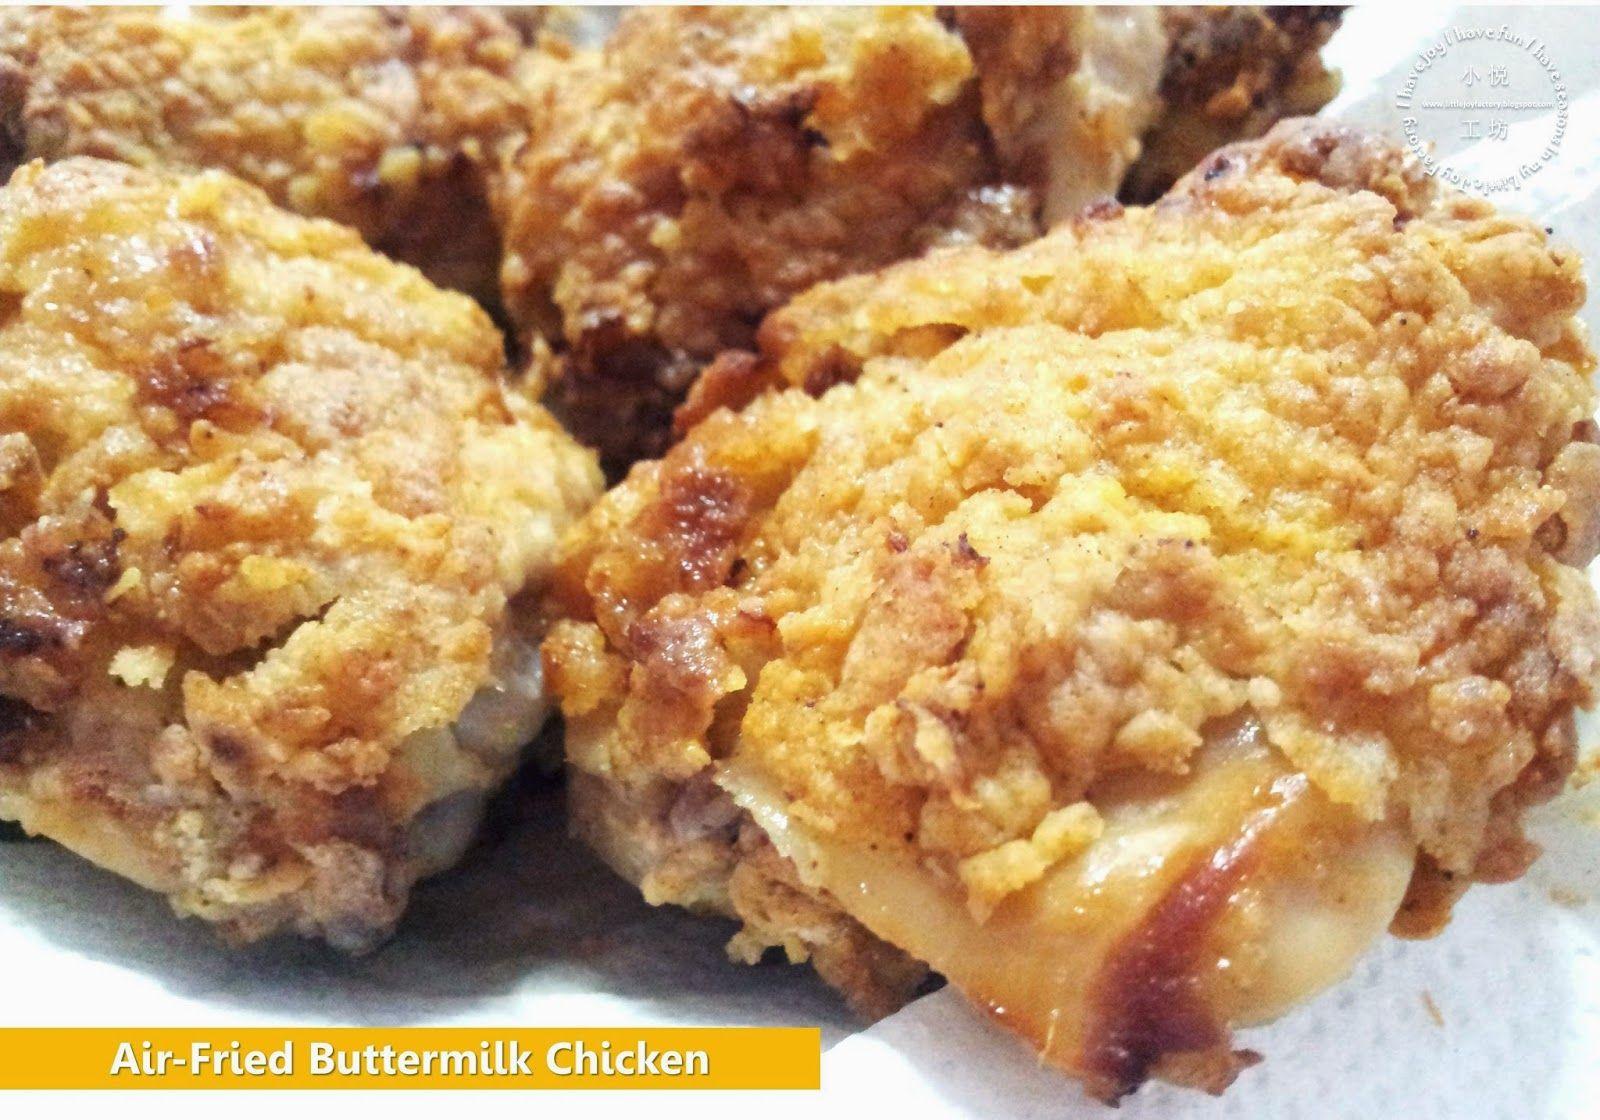 Air-Fried Buttermilk Chicken | Blogger Recipes | Pinterest ...